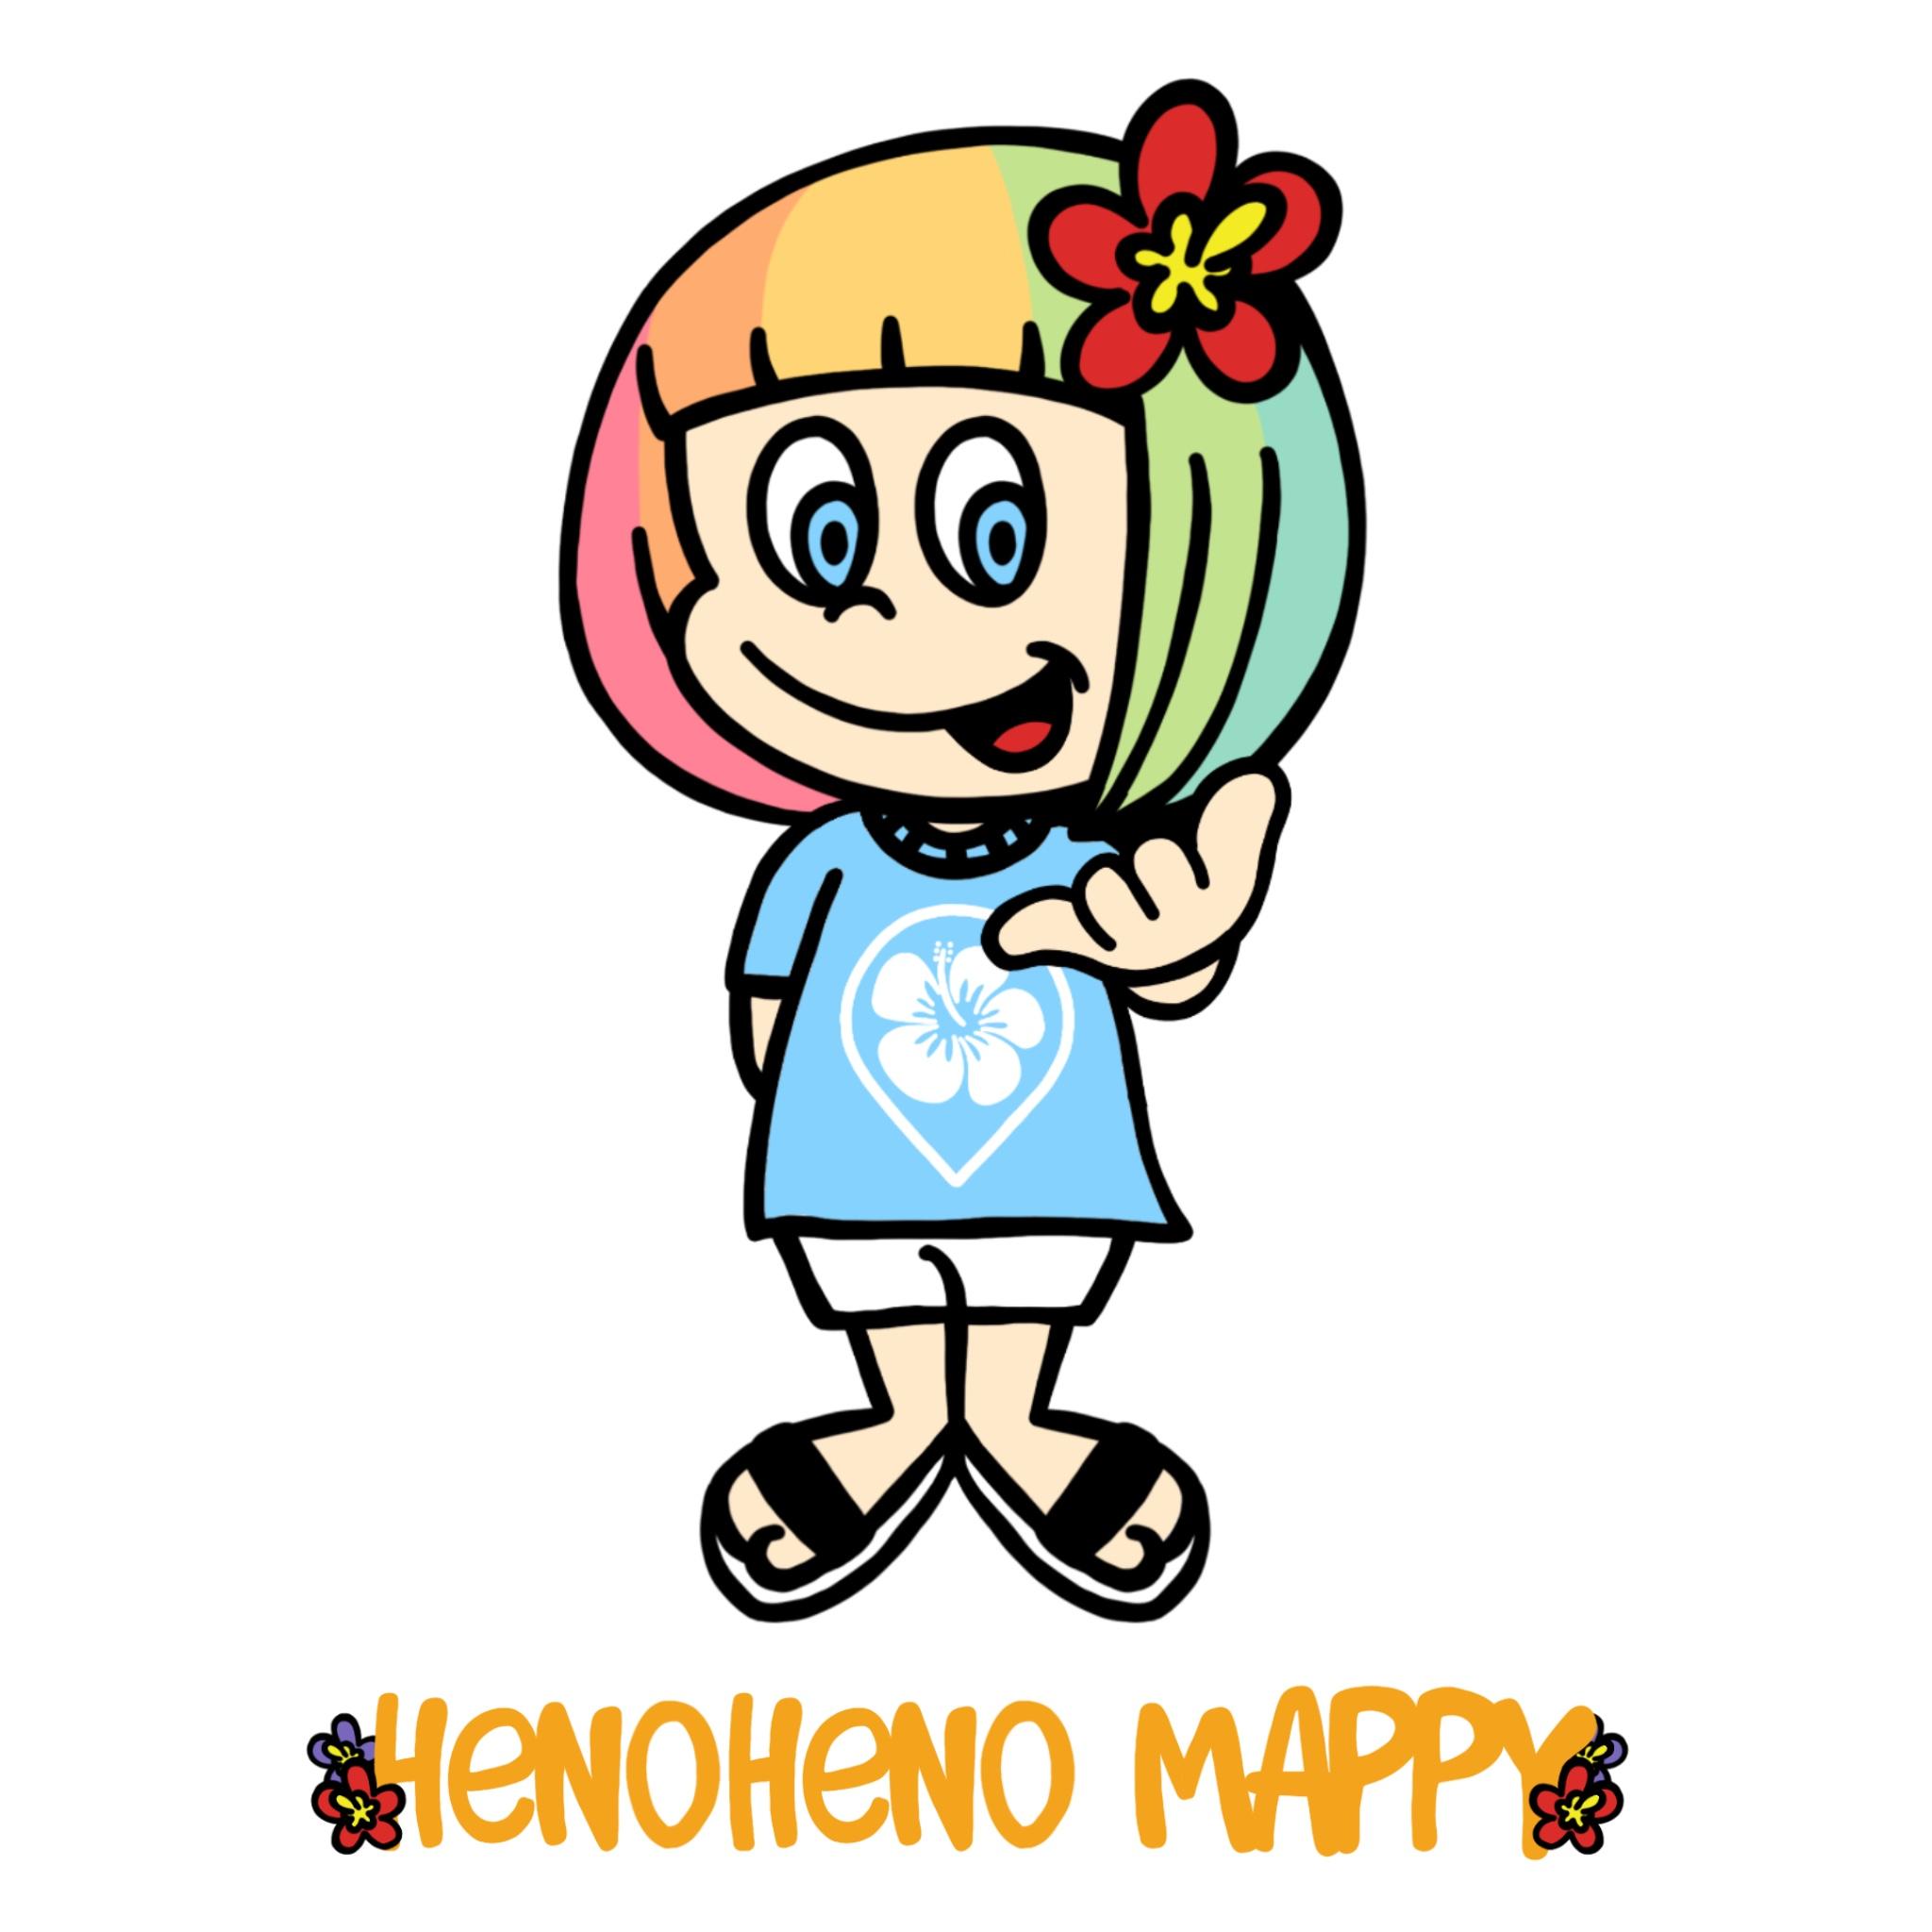 HENOHENO MAPPY